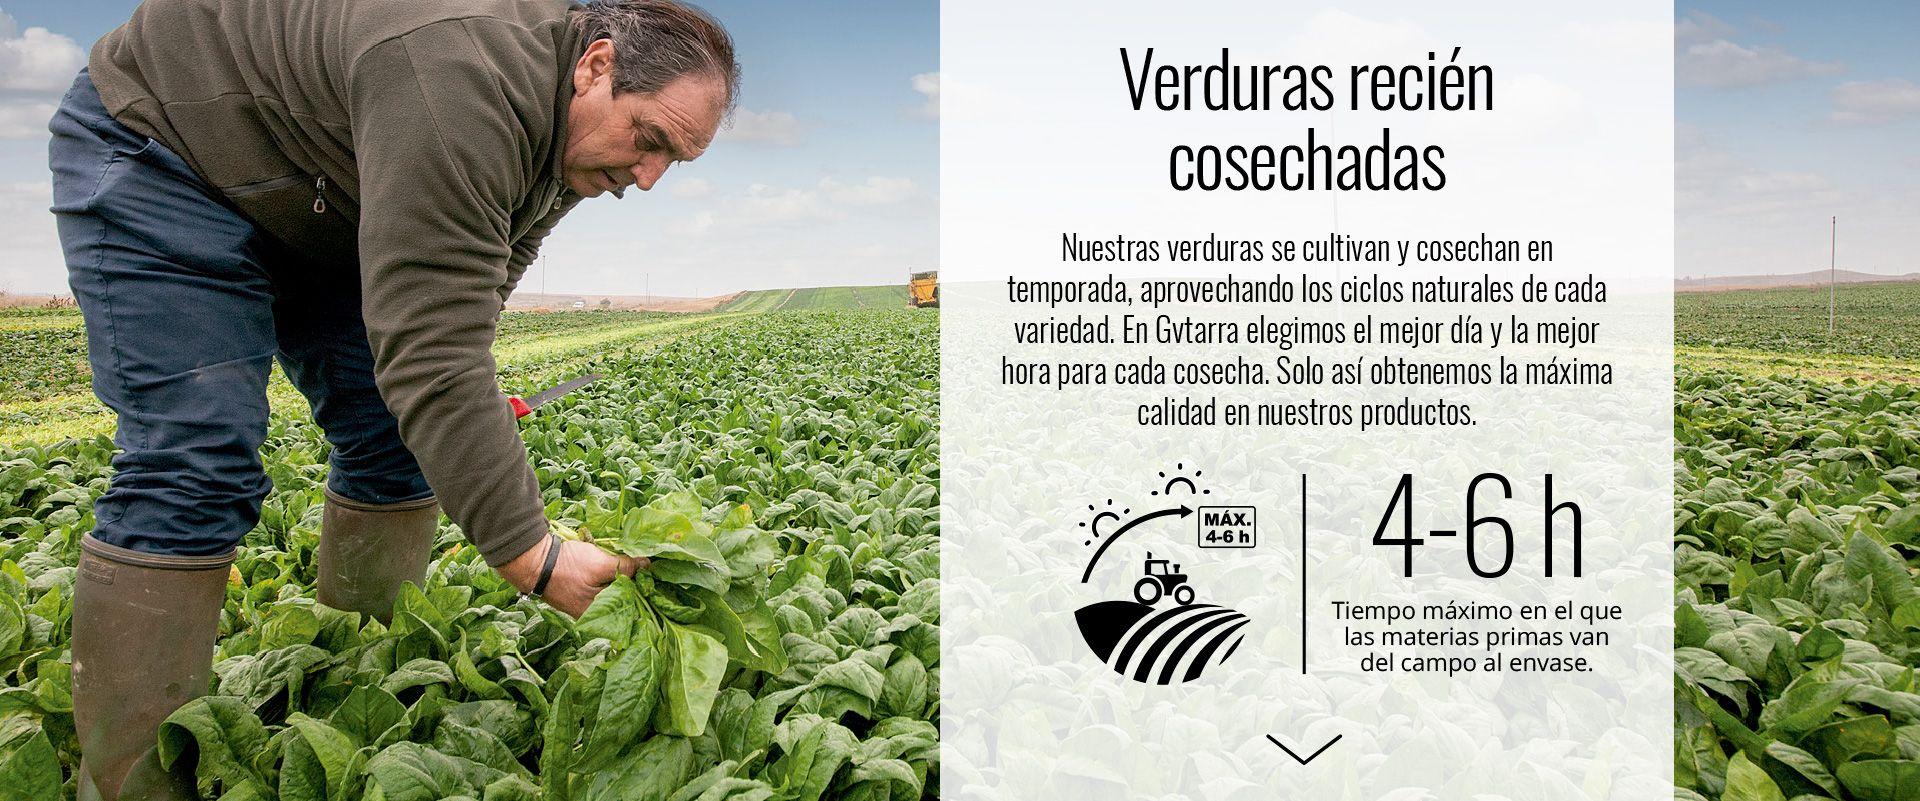 Verduras recién cosechadas